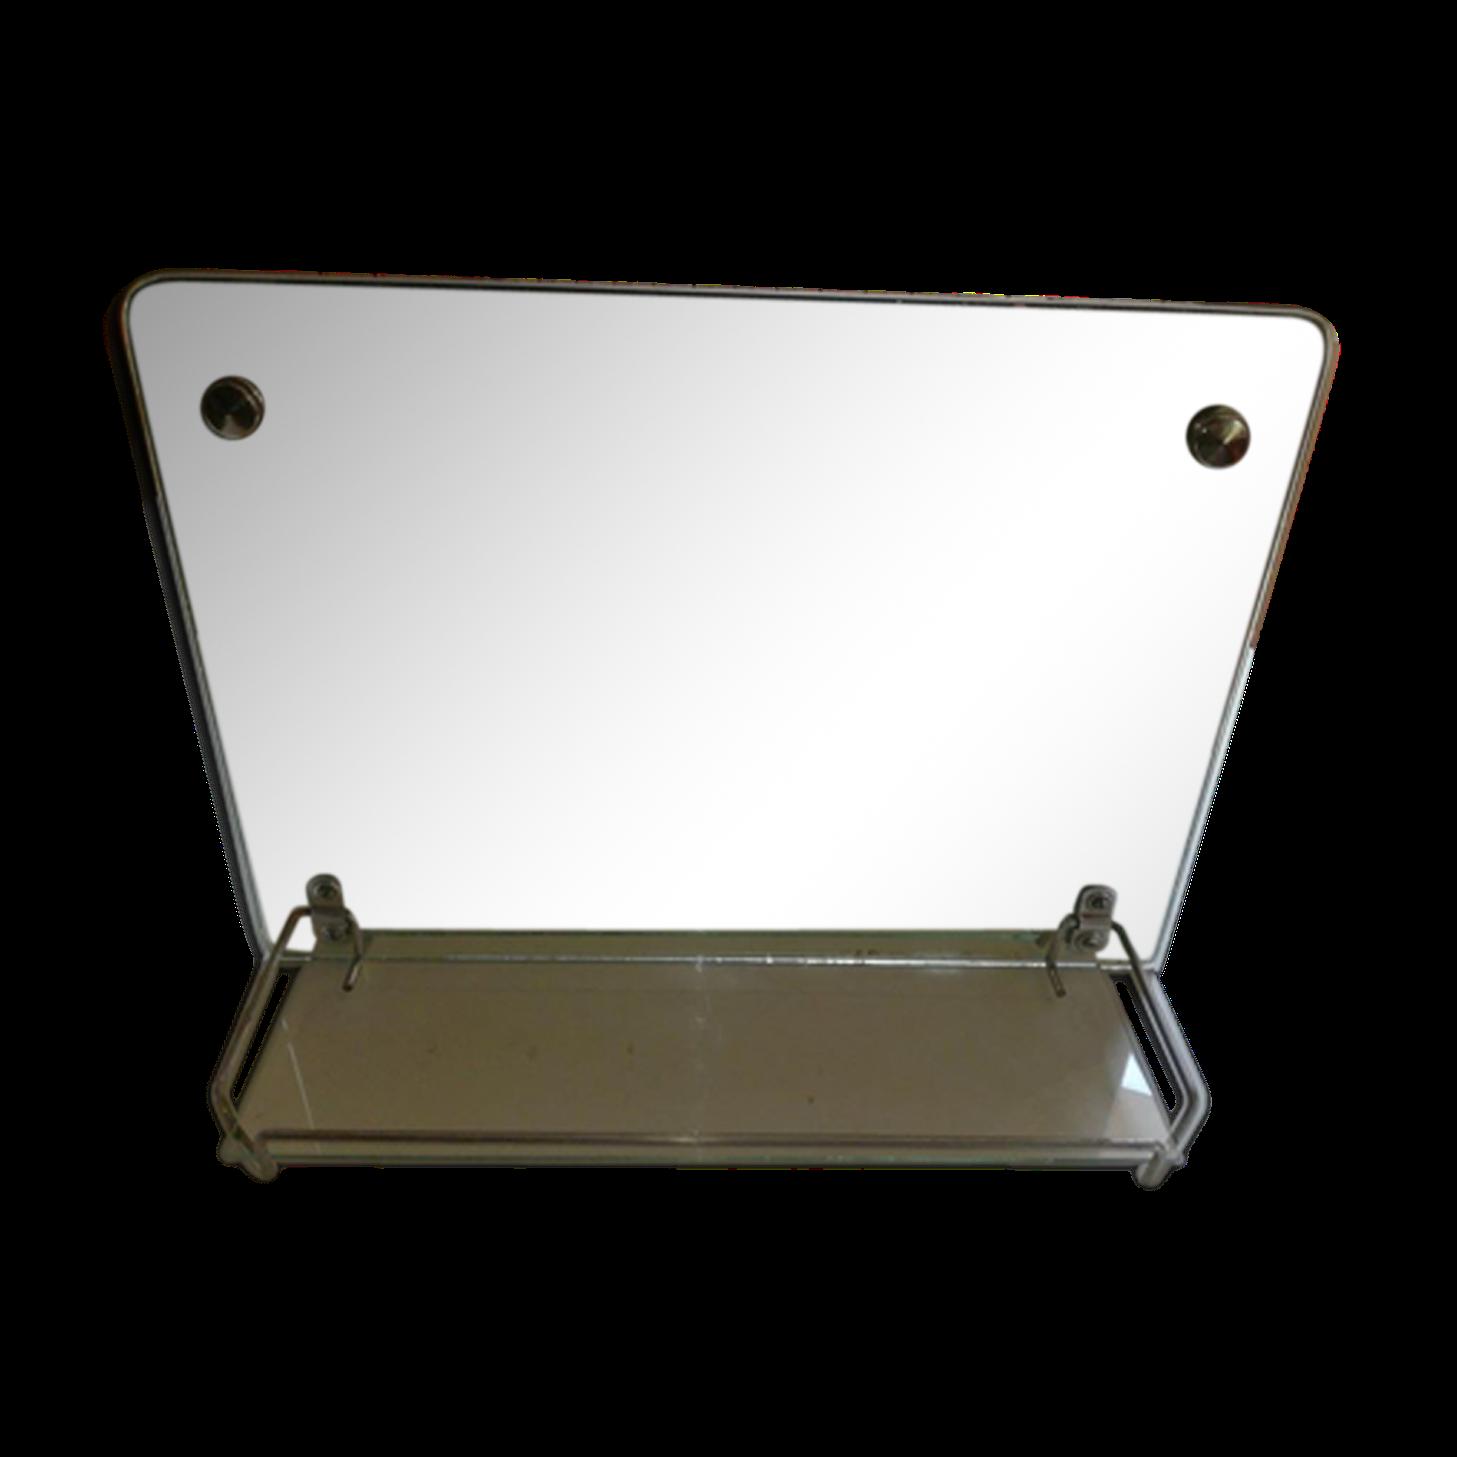 Elegant Miroir Rétro De Salle De Bain Avec Tablette 45x32cm